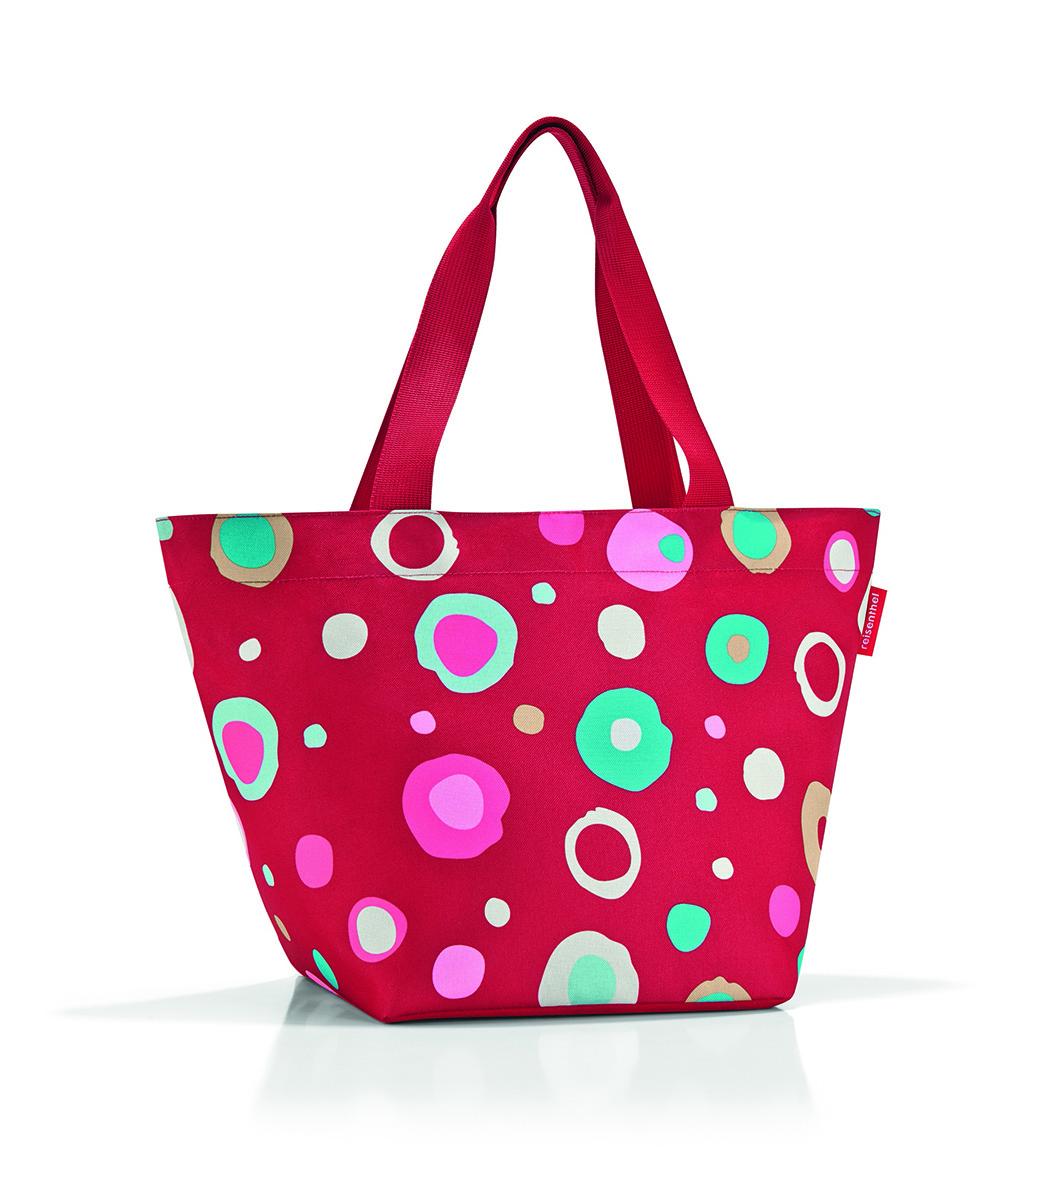 Сумка женская Reisenthel Shopper M, цвет: красный. ZS3048579995-400Универсальная женская сумка Reisenthel Shopper M изготовлена из плотного полиэстера и оформлена ярким принтом.Сумка содержит одно вместительное отделение, закрывающееся на застежку-молнию. Внутри расположен нашивной карман на молнии. Изделие дополнено двумя практичными широкими ручками, которые позволят носить сумку, как в руках, так и на плече.Практичная сумка станет незаменимым аксессуаром для повседневного использования.